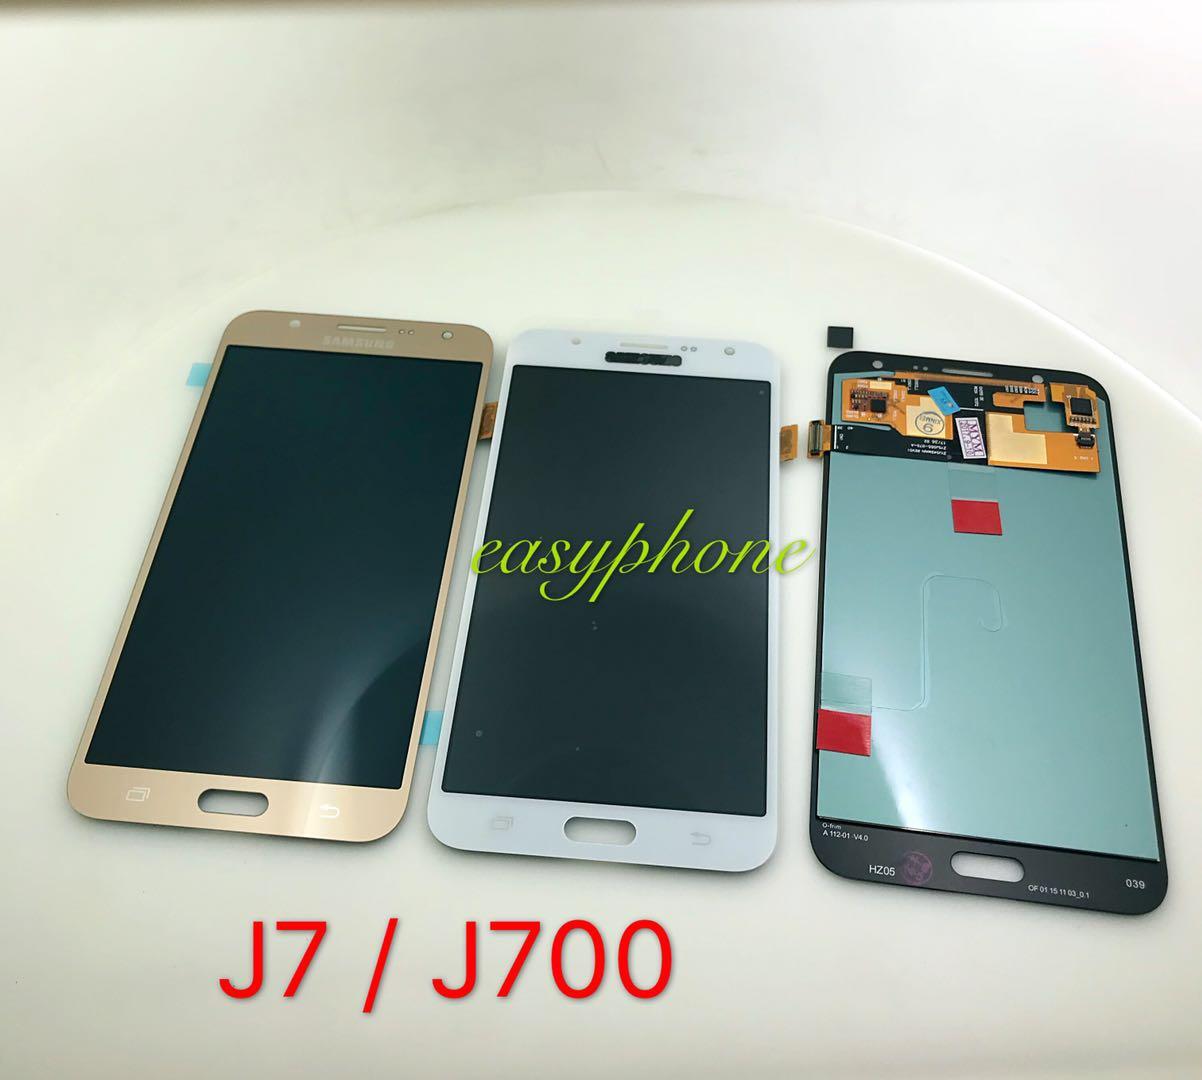 LCD J7 / J700 แท้ (เป็นจอชุด) มีสี ขาว,ดำ,ทอง